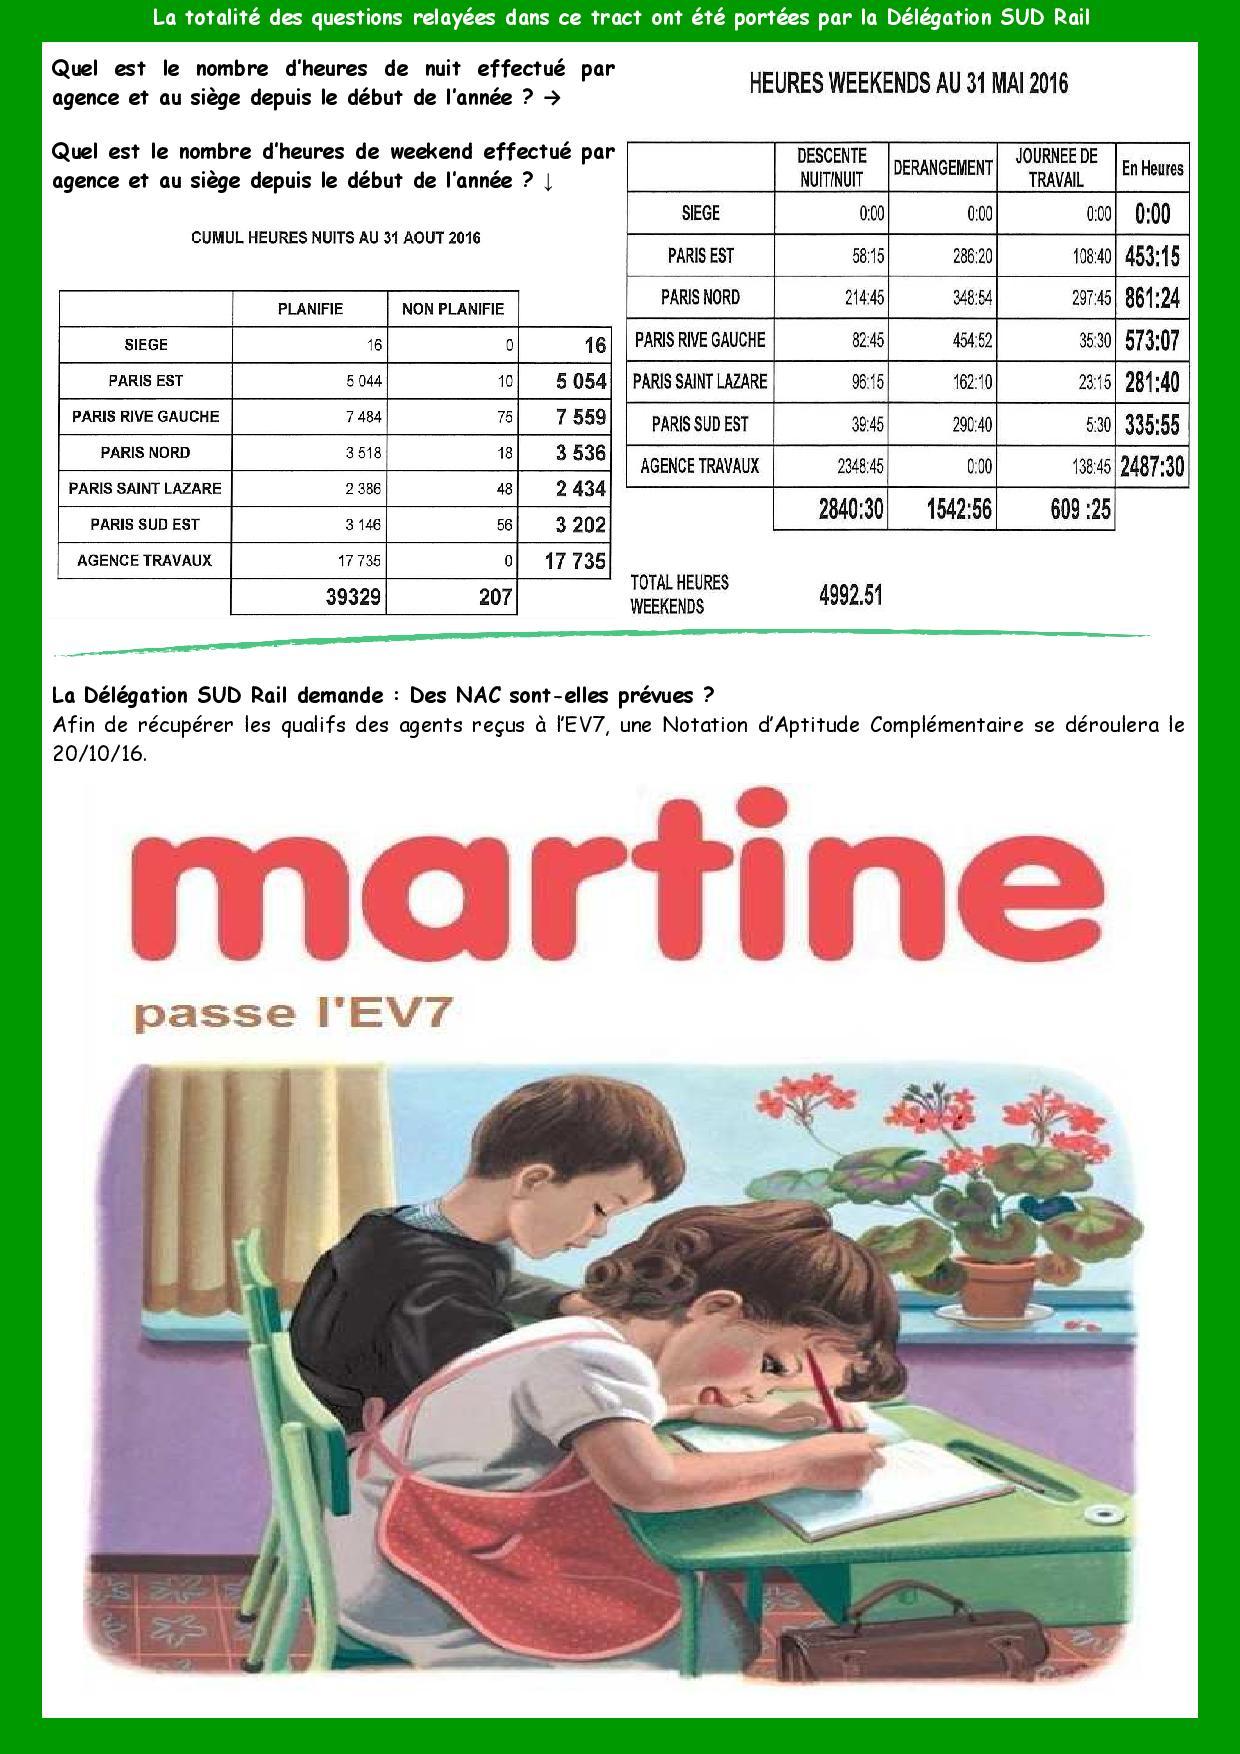 cr-dp-tgidf-22-09-16-page-004